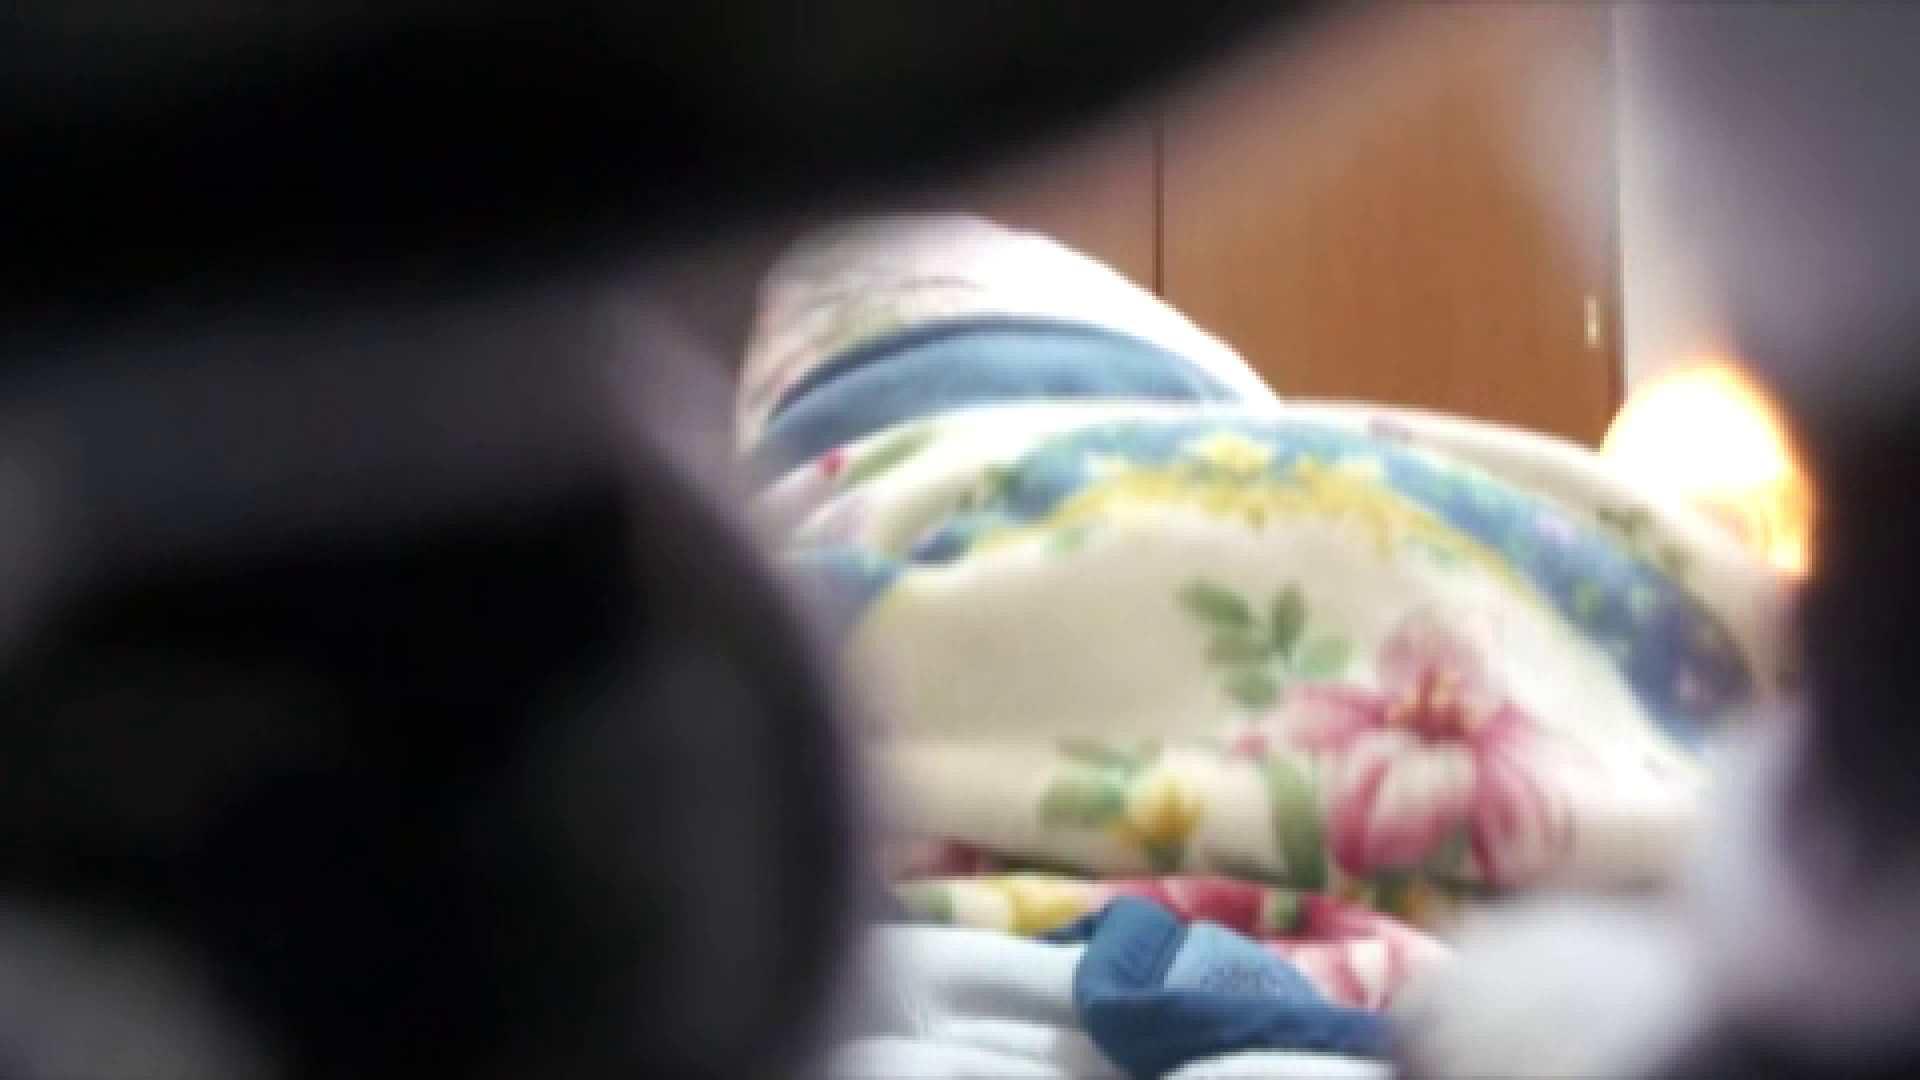 vol.10 レイカのお着替え映像です。部屋、汚いですね。 エッチなOL   着替え  110枚 39